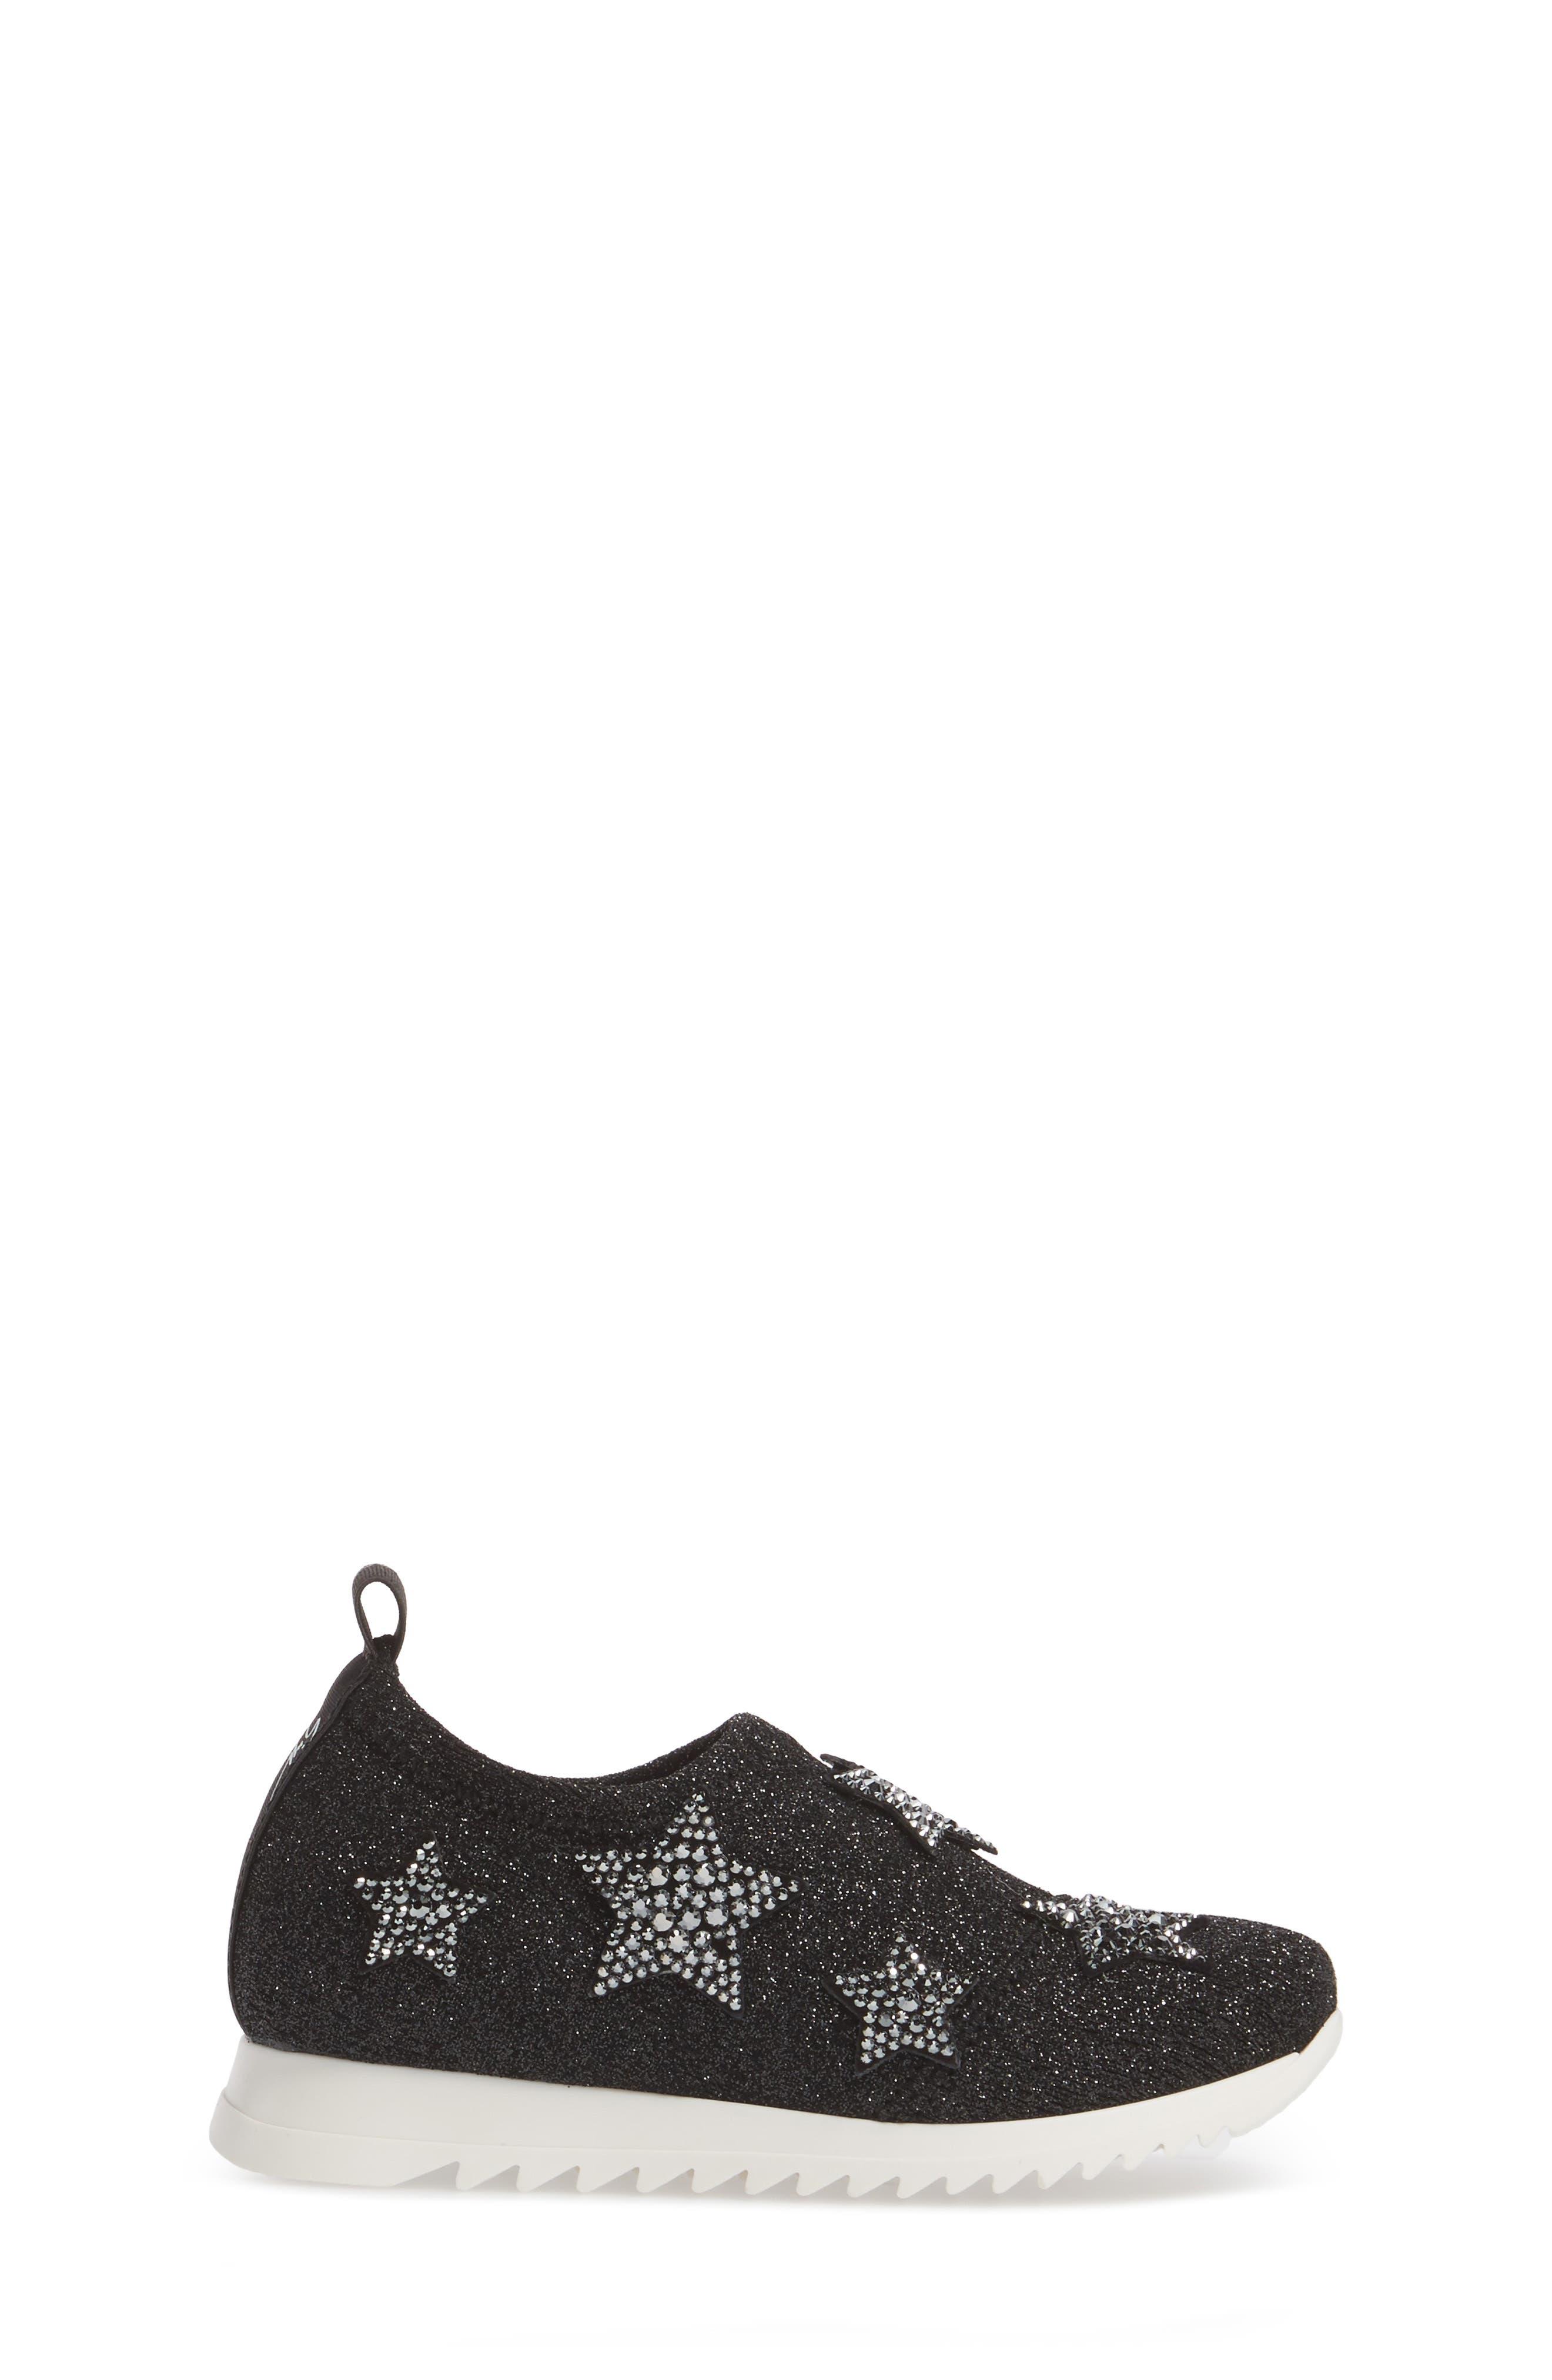 Natalie Star Glitter Slip-On Sneaker,                             Alternate thumbnail 3, color,                             001